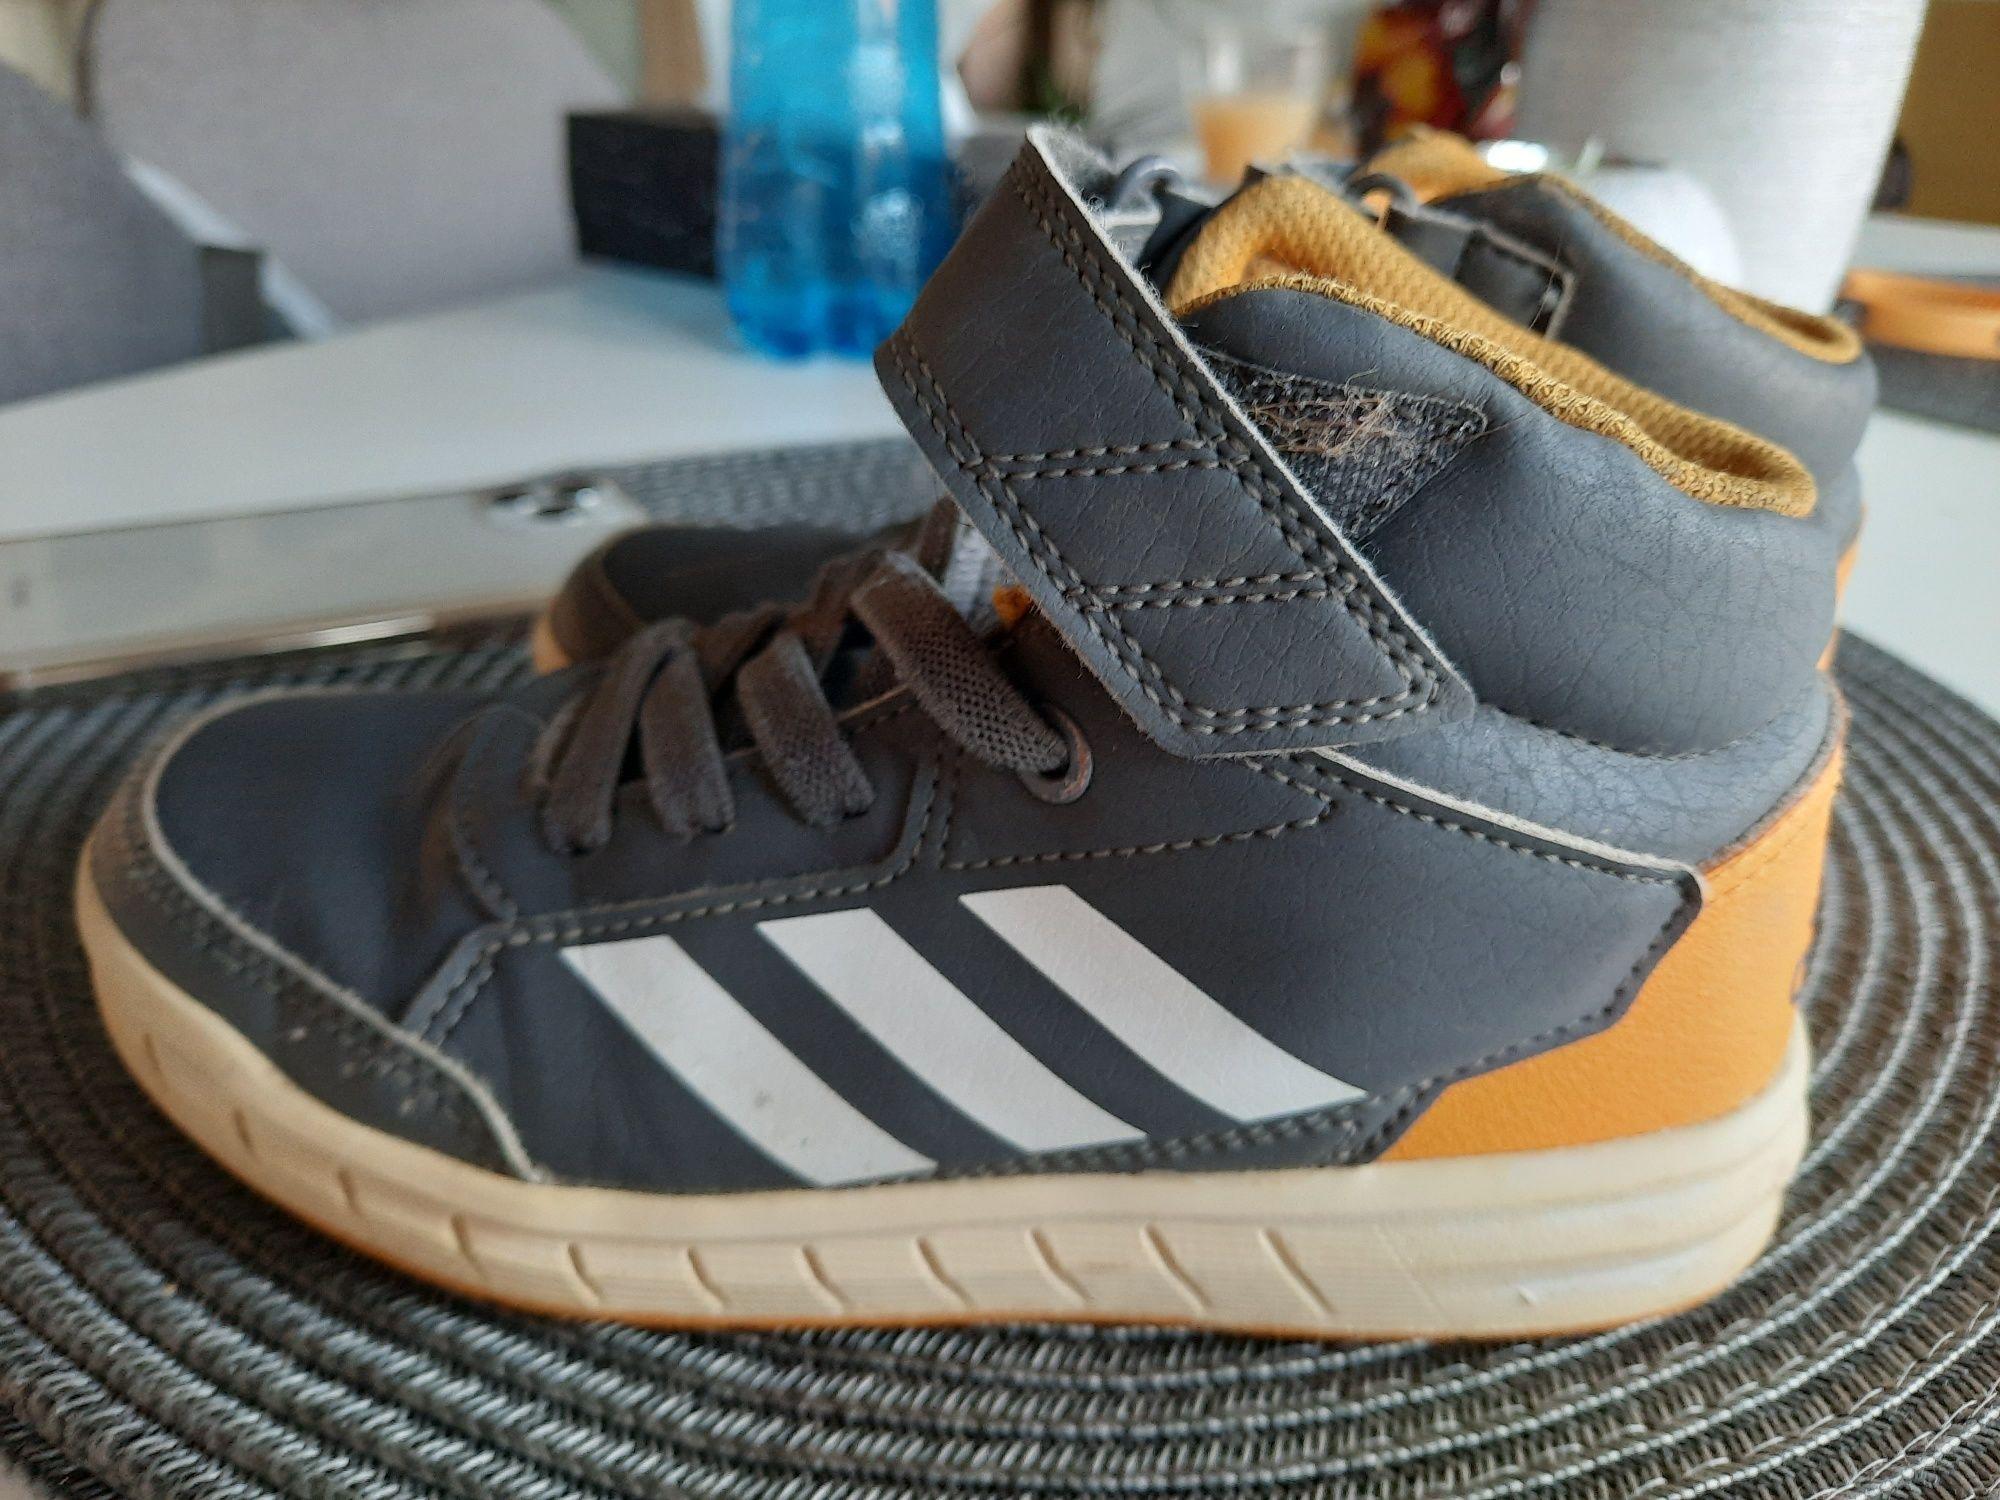 Buty Adidas rozmiar 30